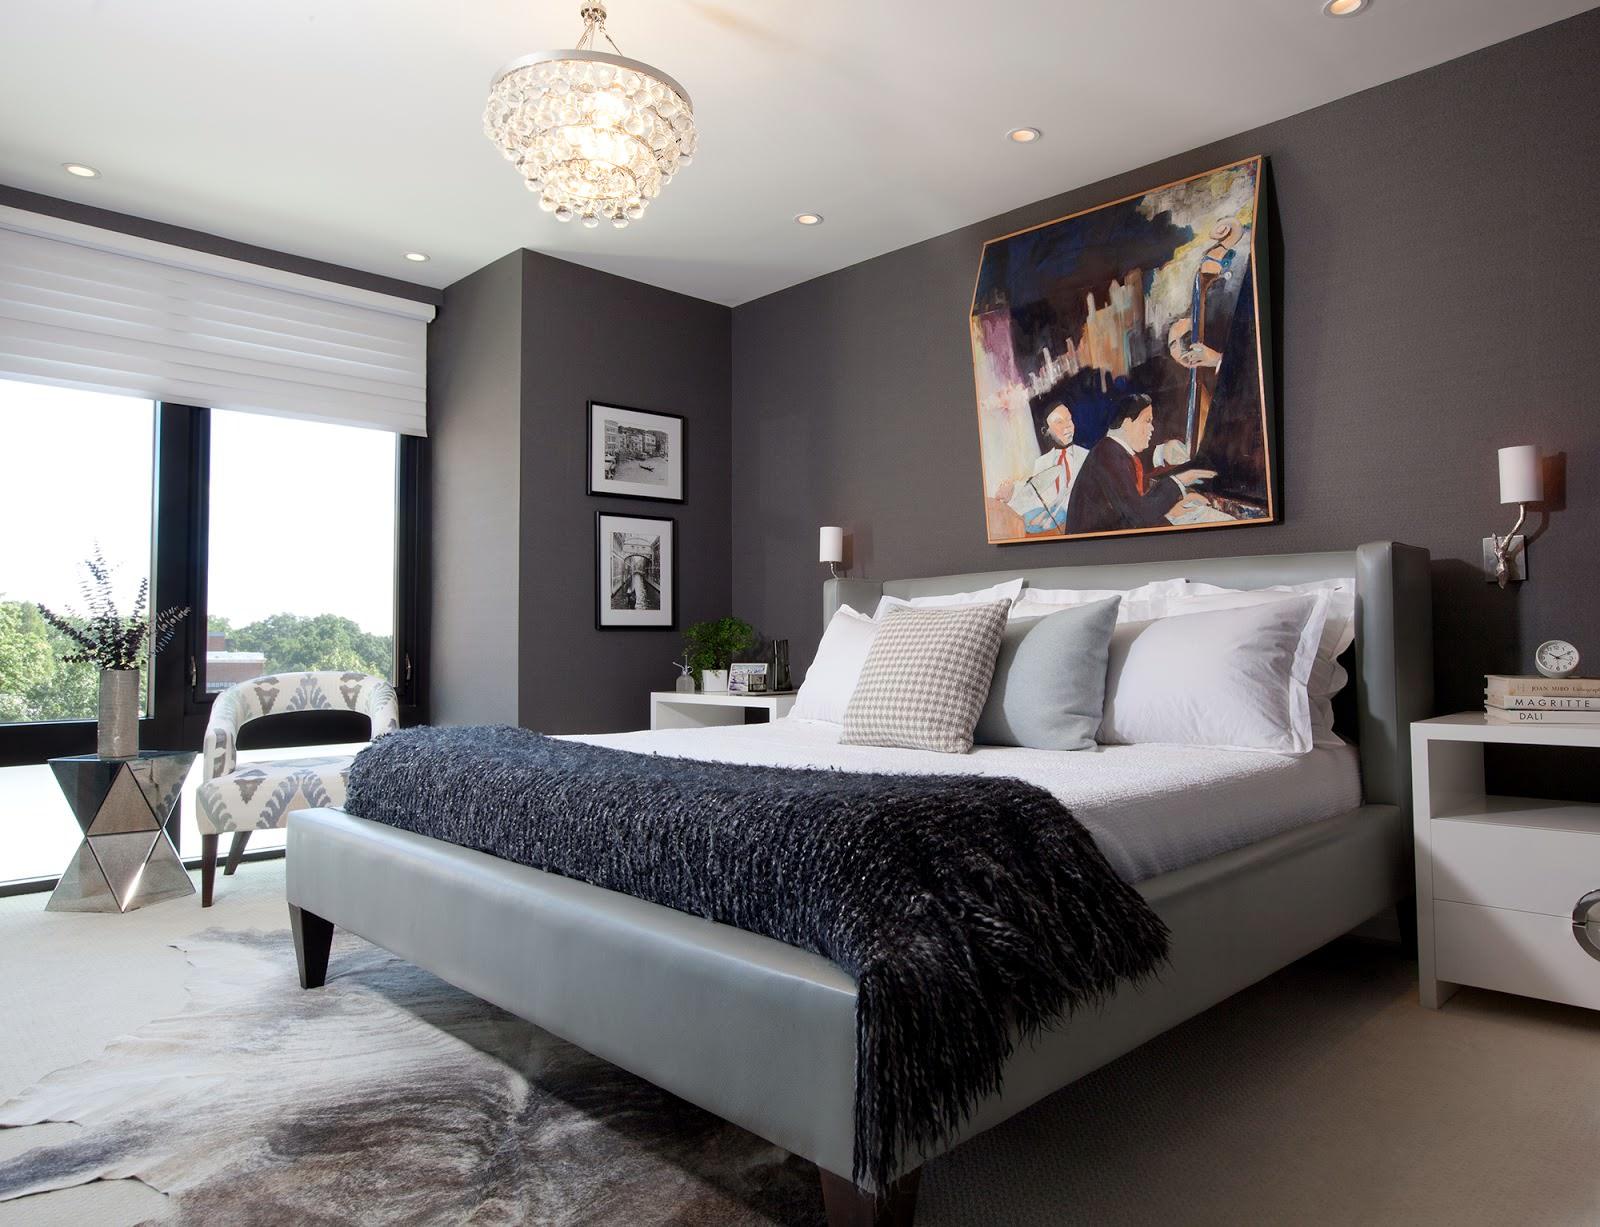 Бело-серая стильная спальня хай-тек